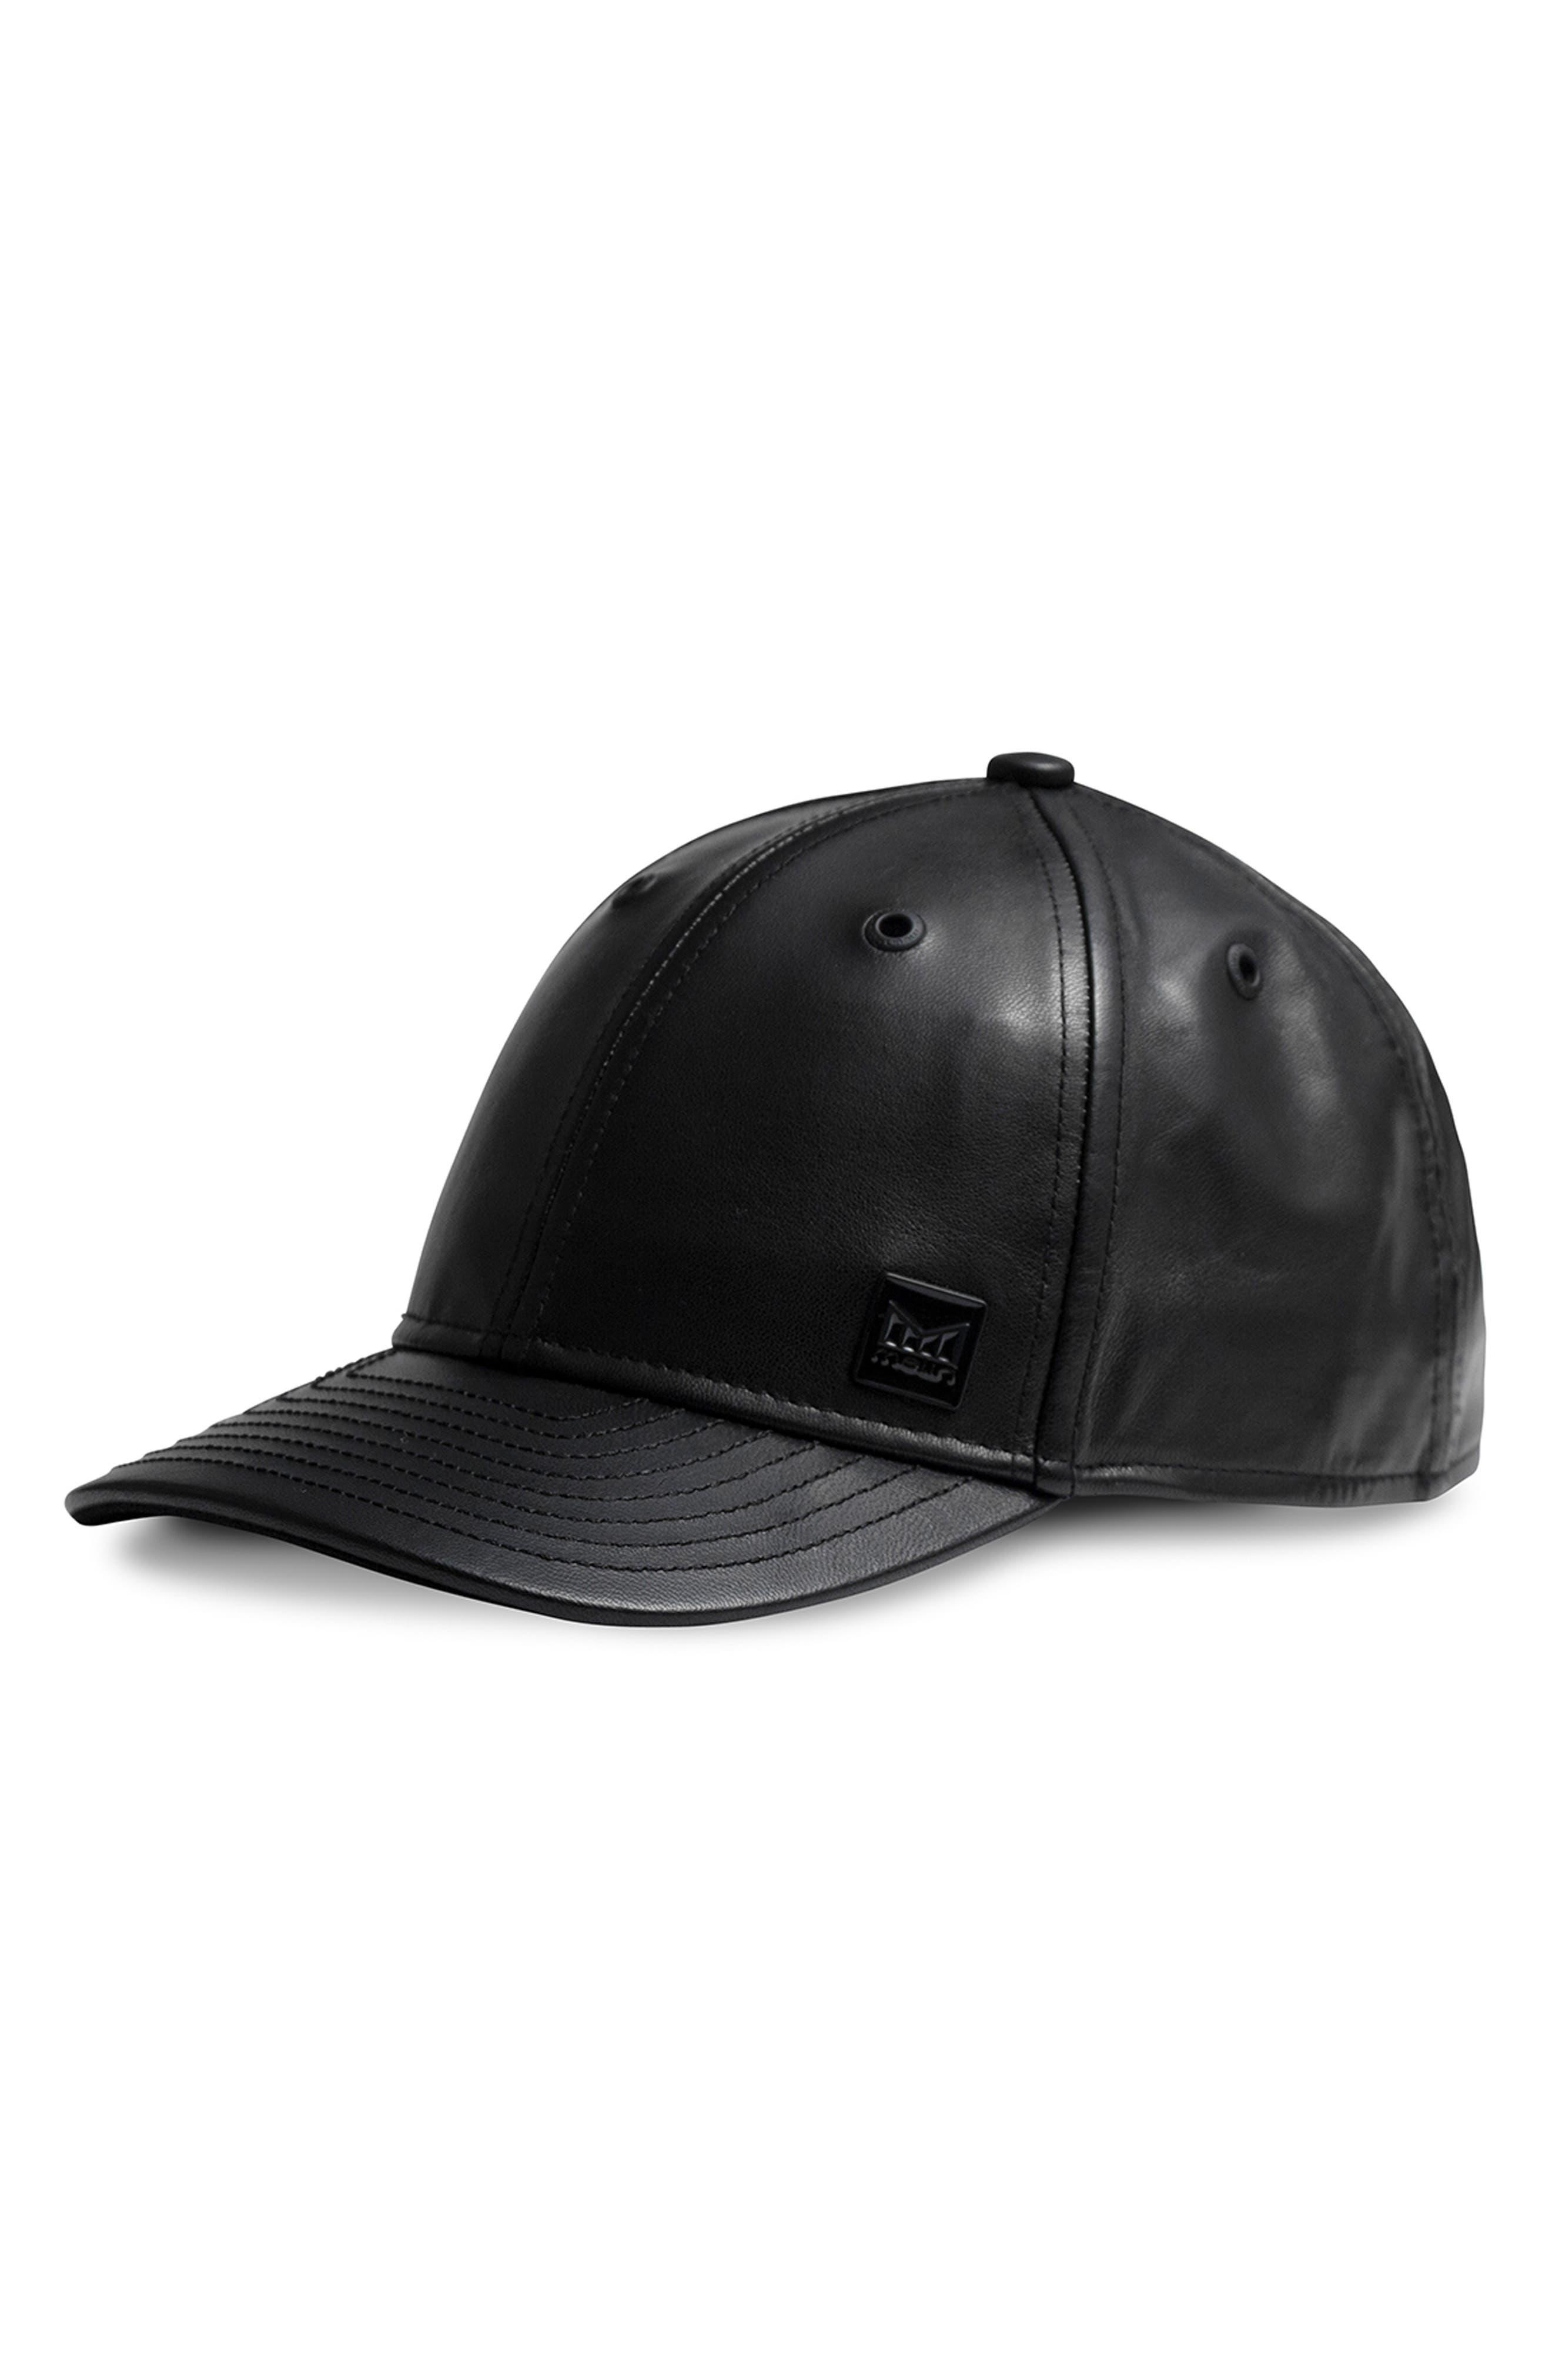 Voyage Elite Leather Ball Cap,                         Main,                         color, BLACK